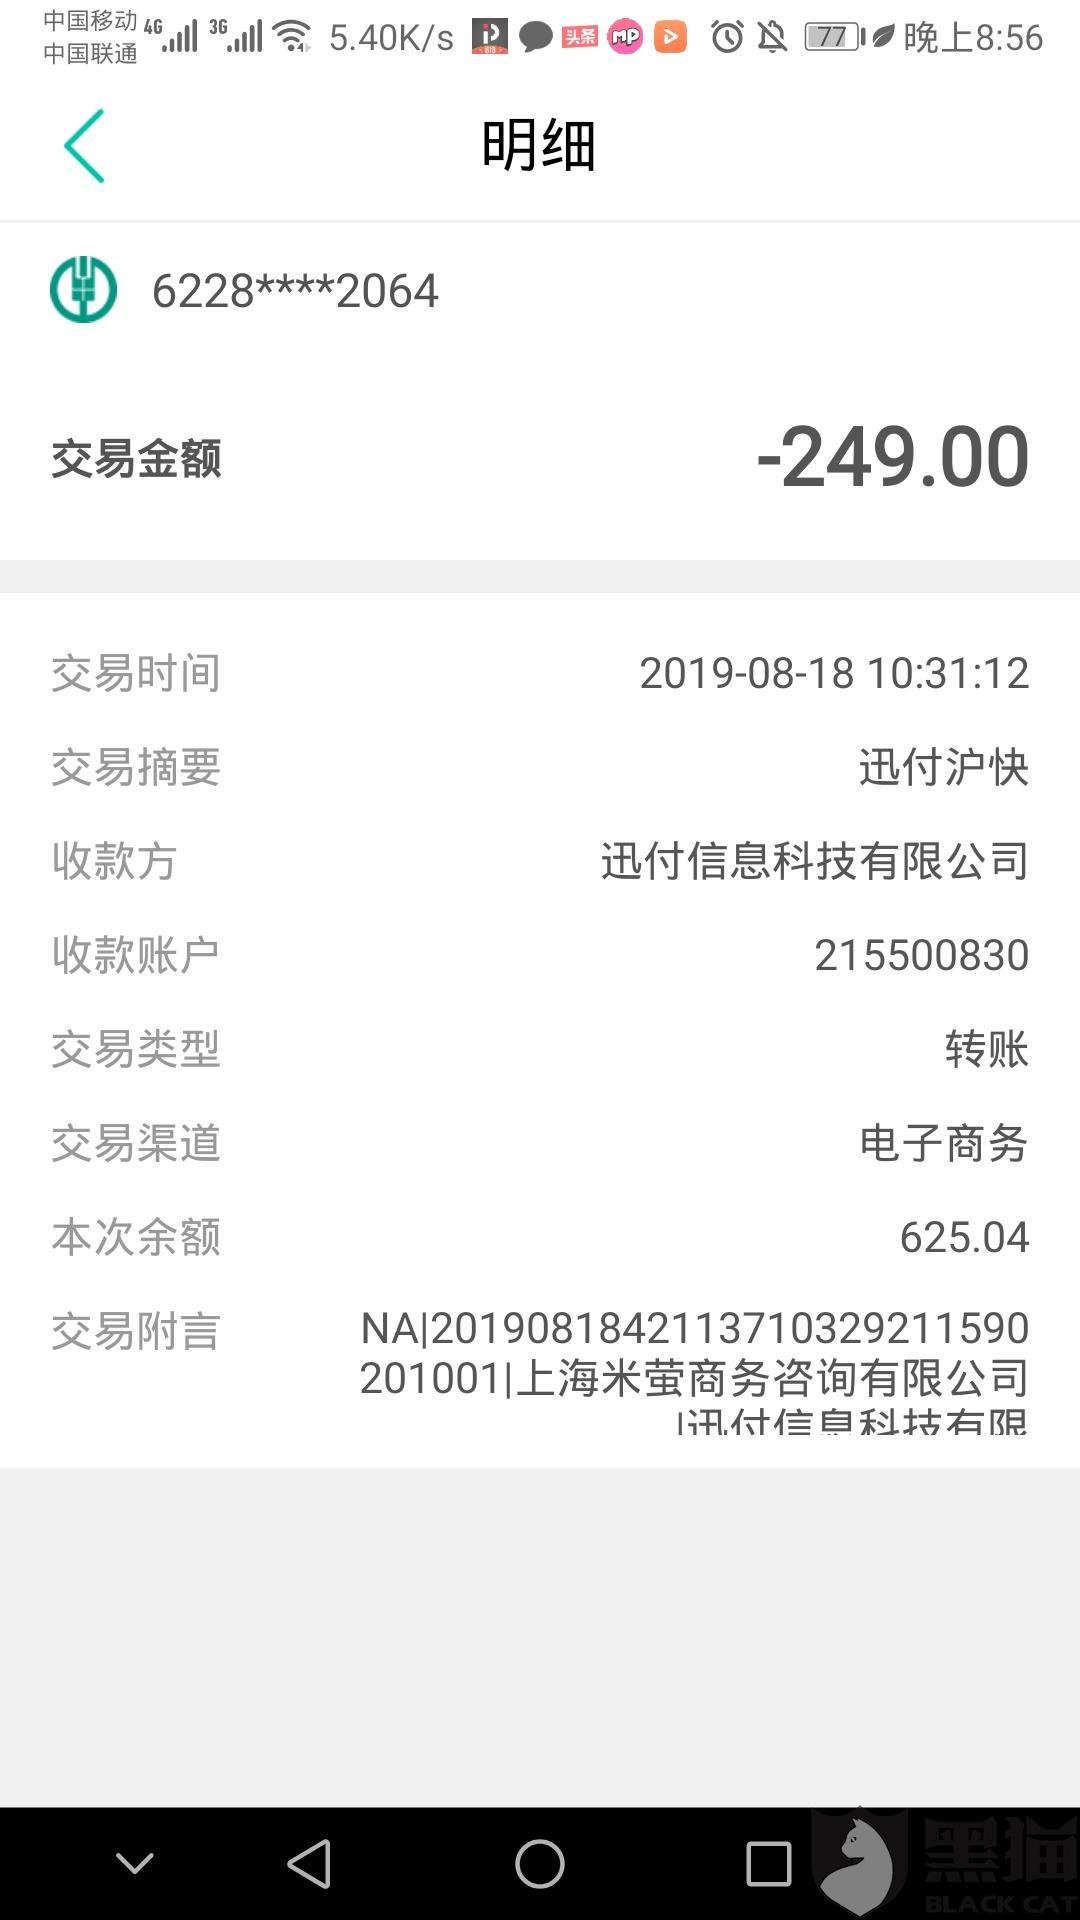 黑猫投诉:上海米莹商务咨询有限公司,迅付信息科技有限公司盗刷